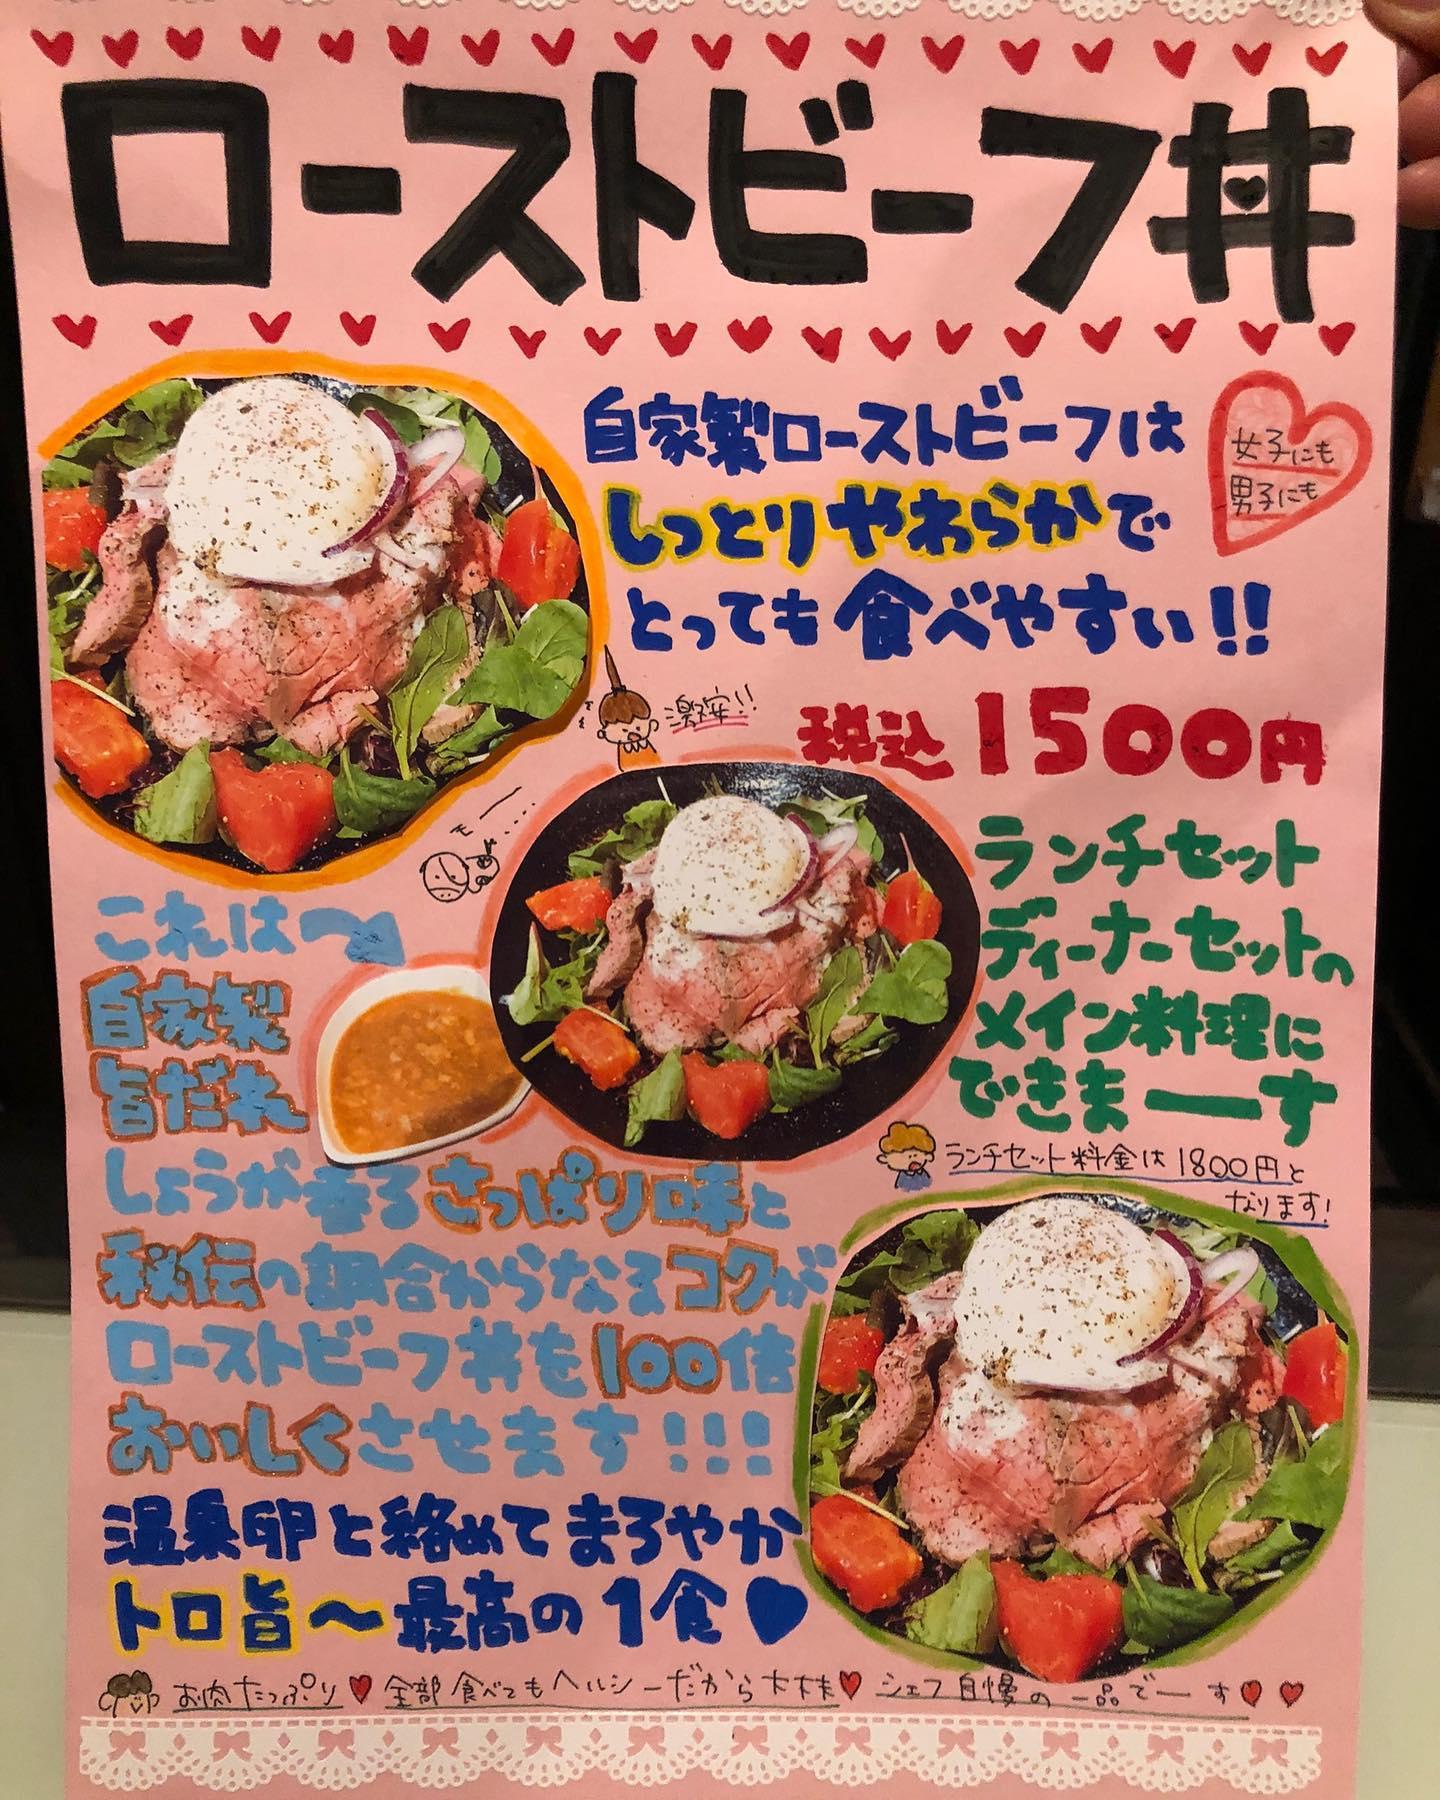 ローストビーフ丼 お肉を低温調理でゆっくり火を入れて 自家製のソーをかければめちゃくちゃ美味しいです∩^ω^∩